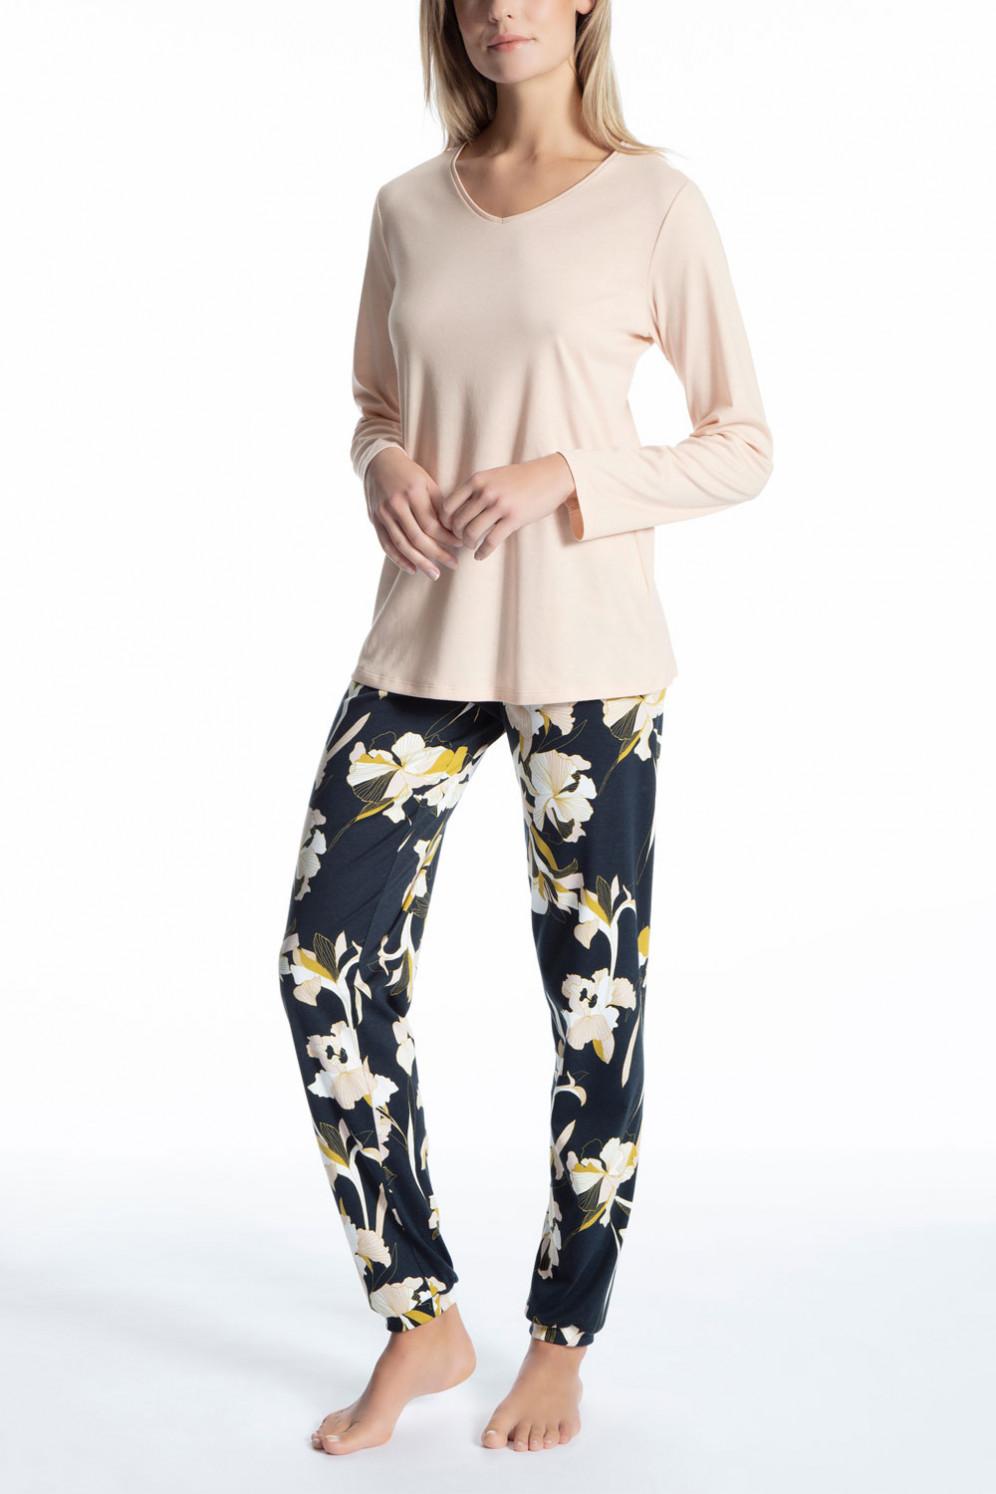 low priced 9da0a 55b05 Pyjama lang mit Bündchen